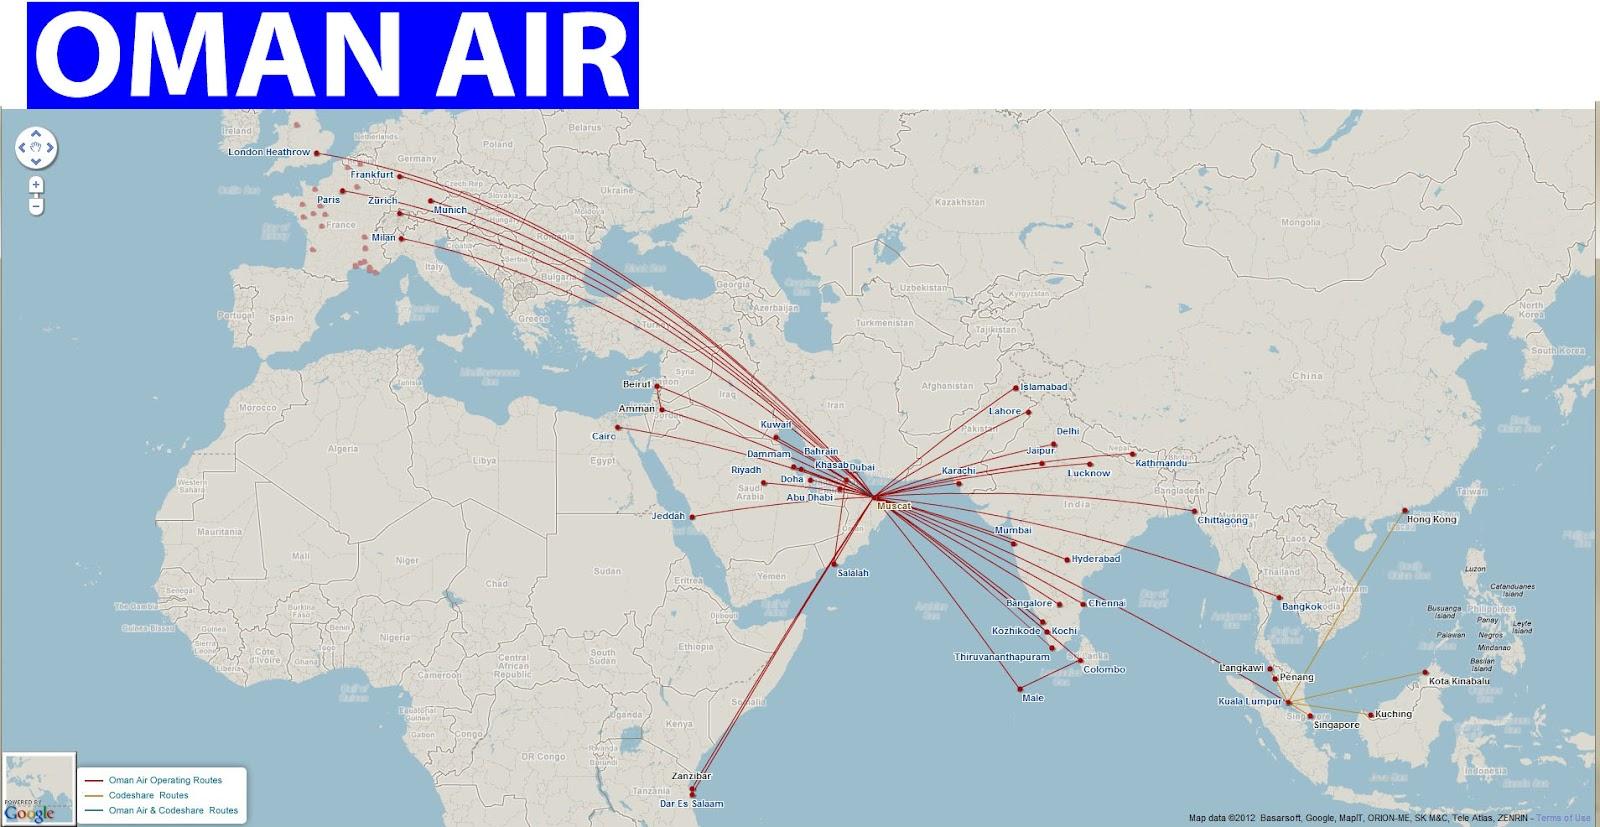 oman air routes map oman air flights